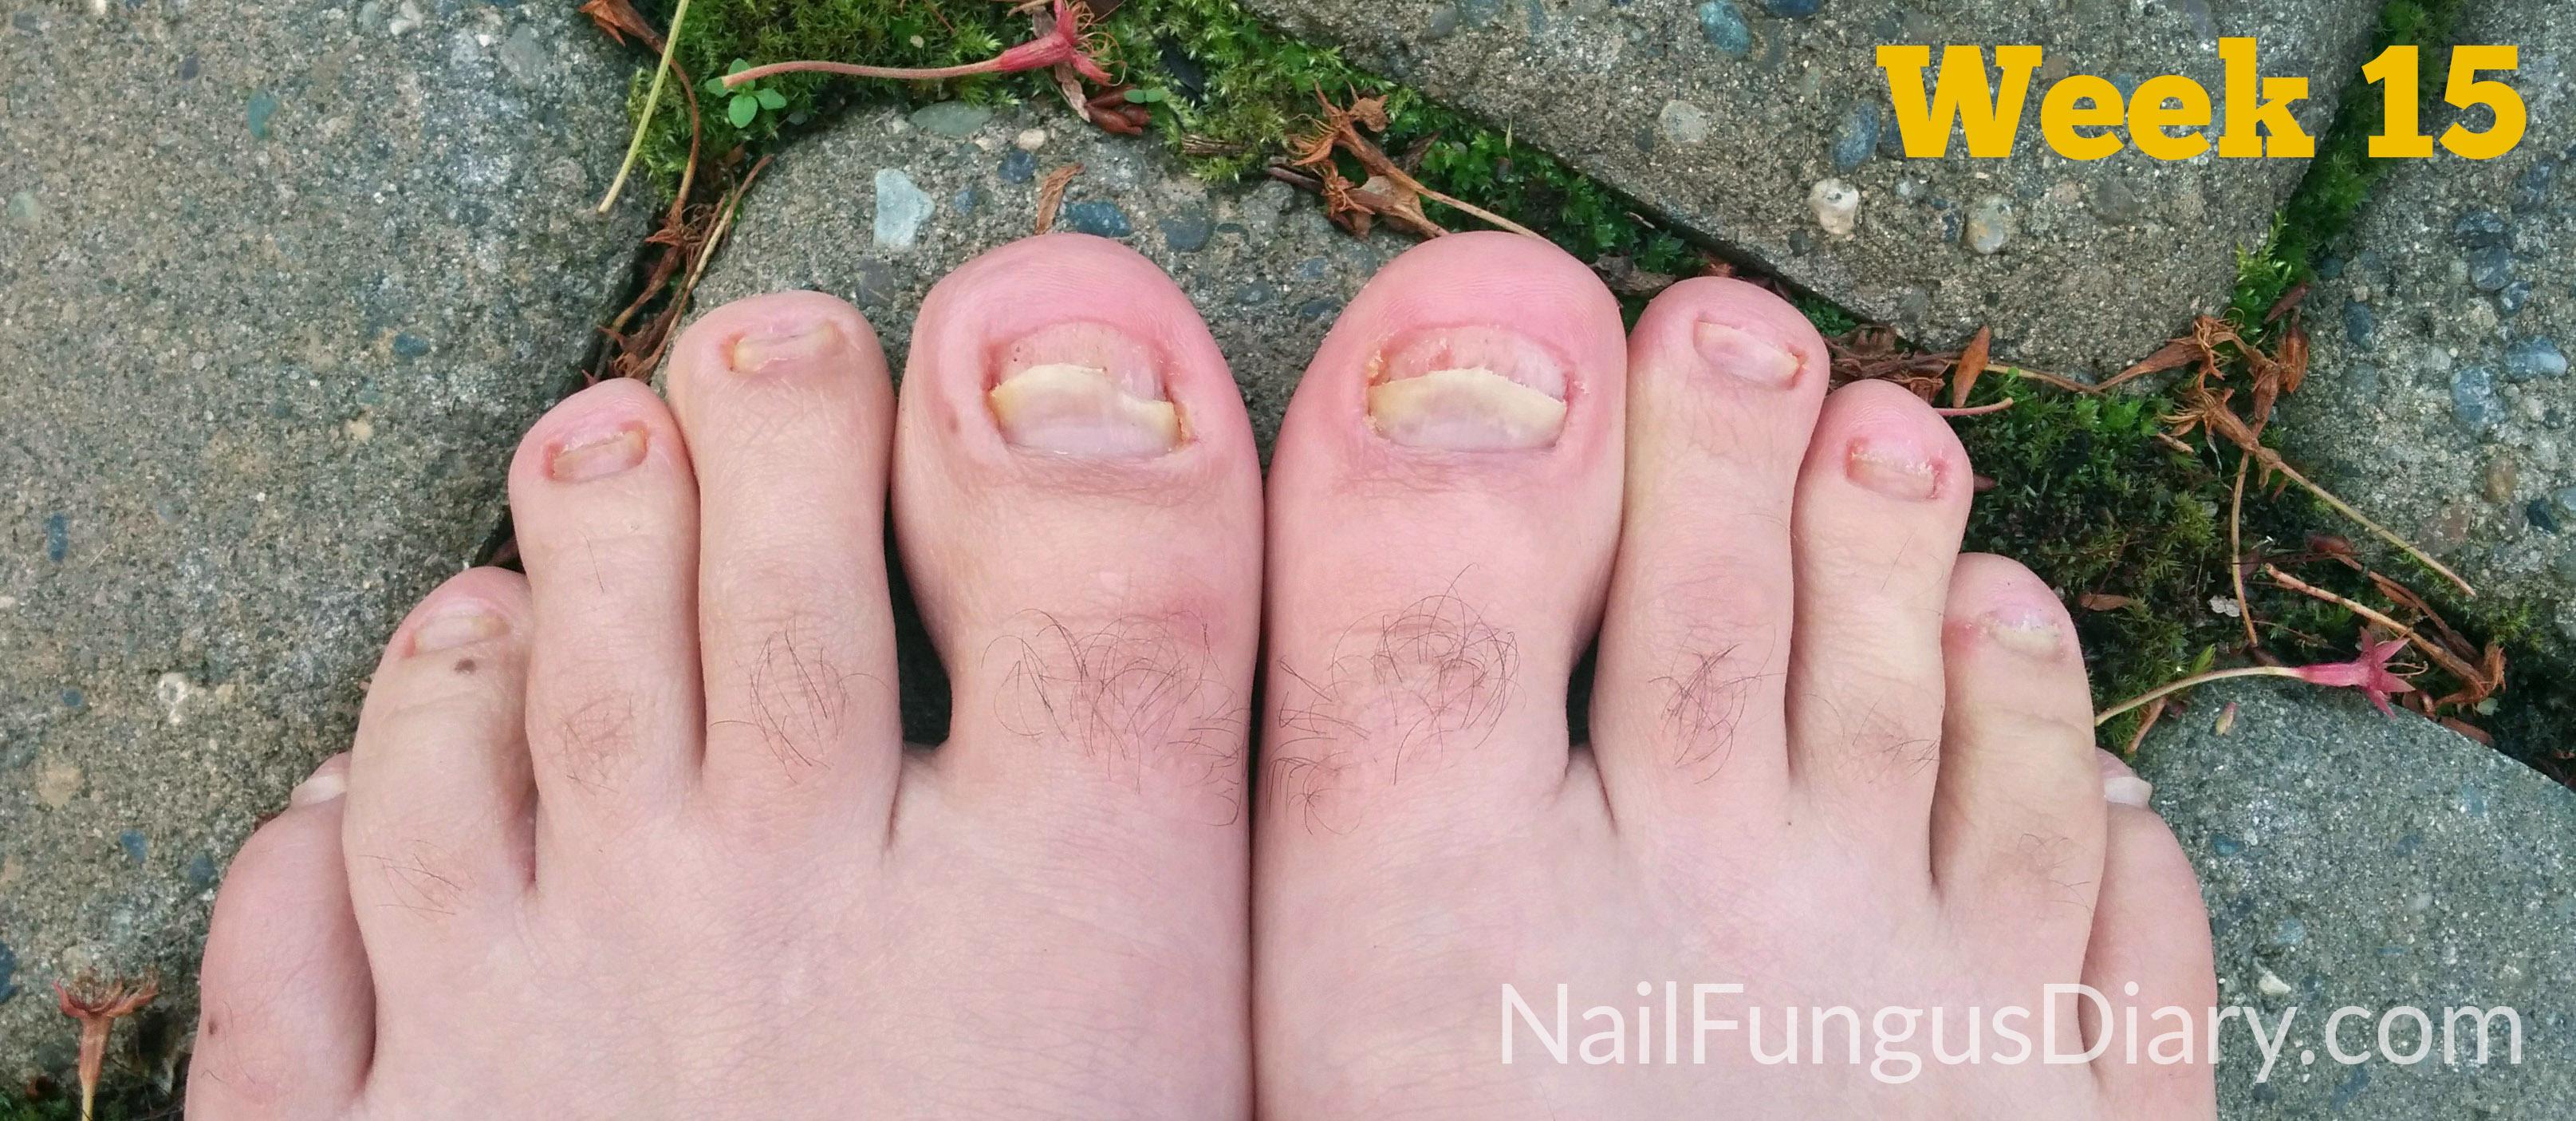 Nail Fungus Update, April 2015 - Nail Fungus Diary